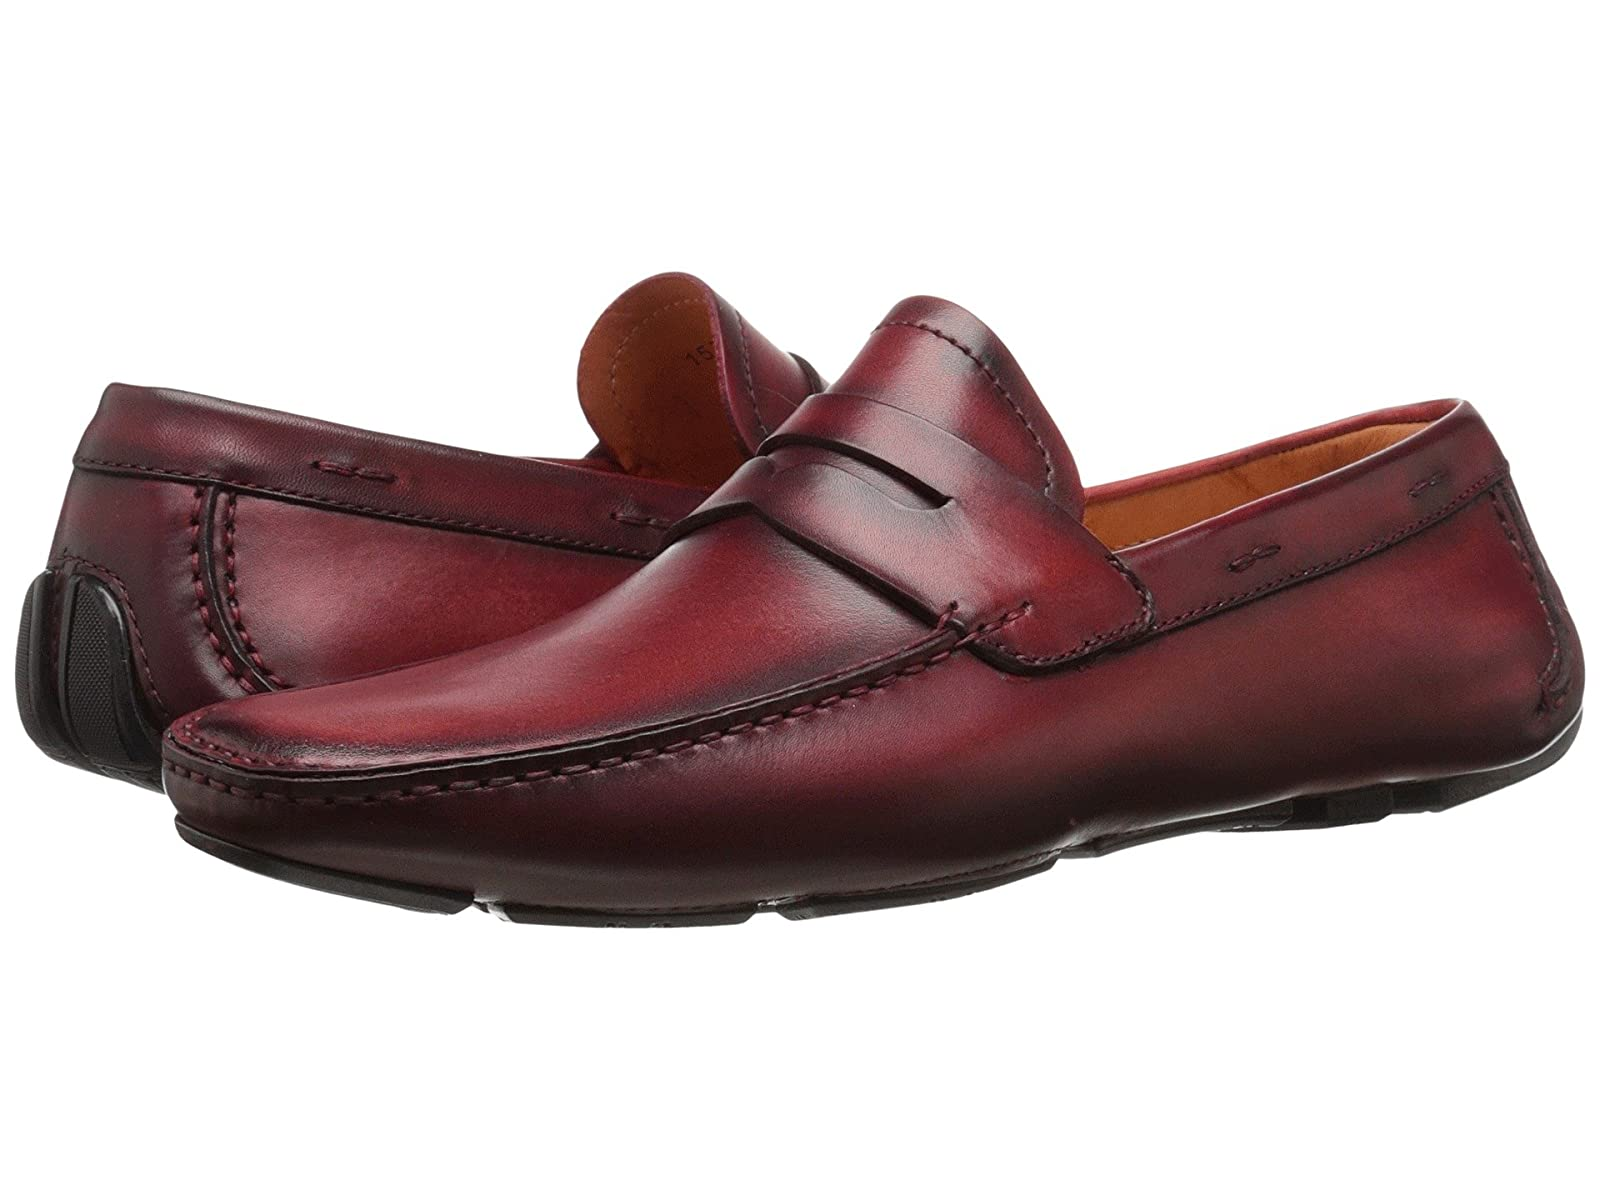 Magnanni DylanAtmospheric grades have affordable shoes